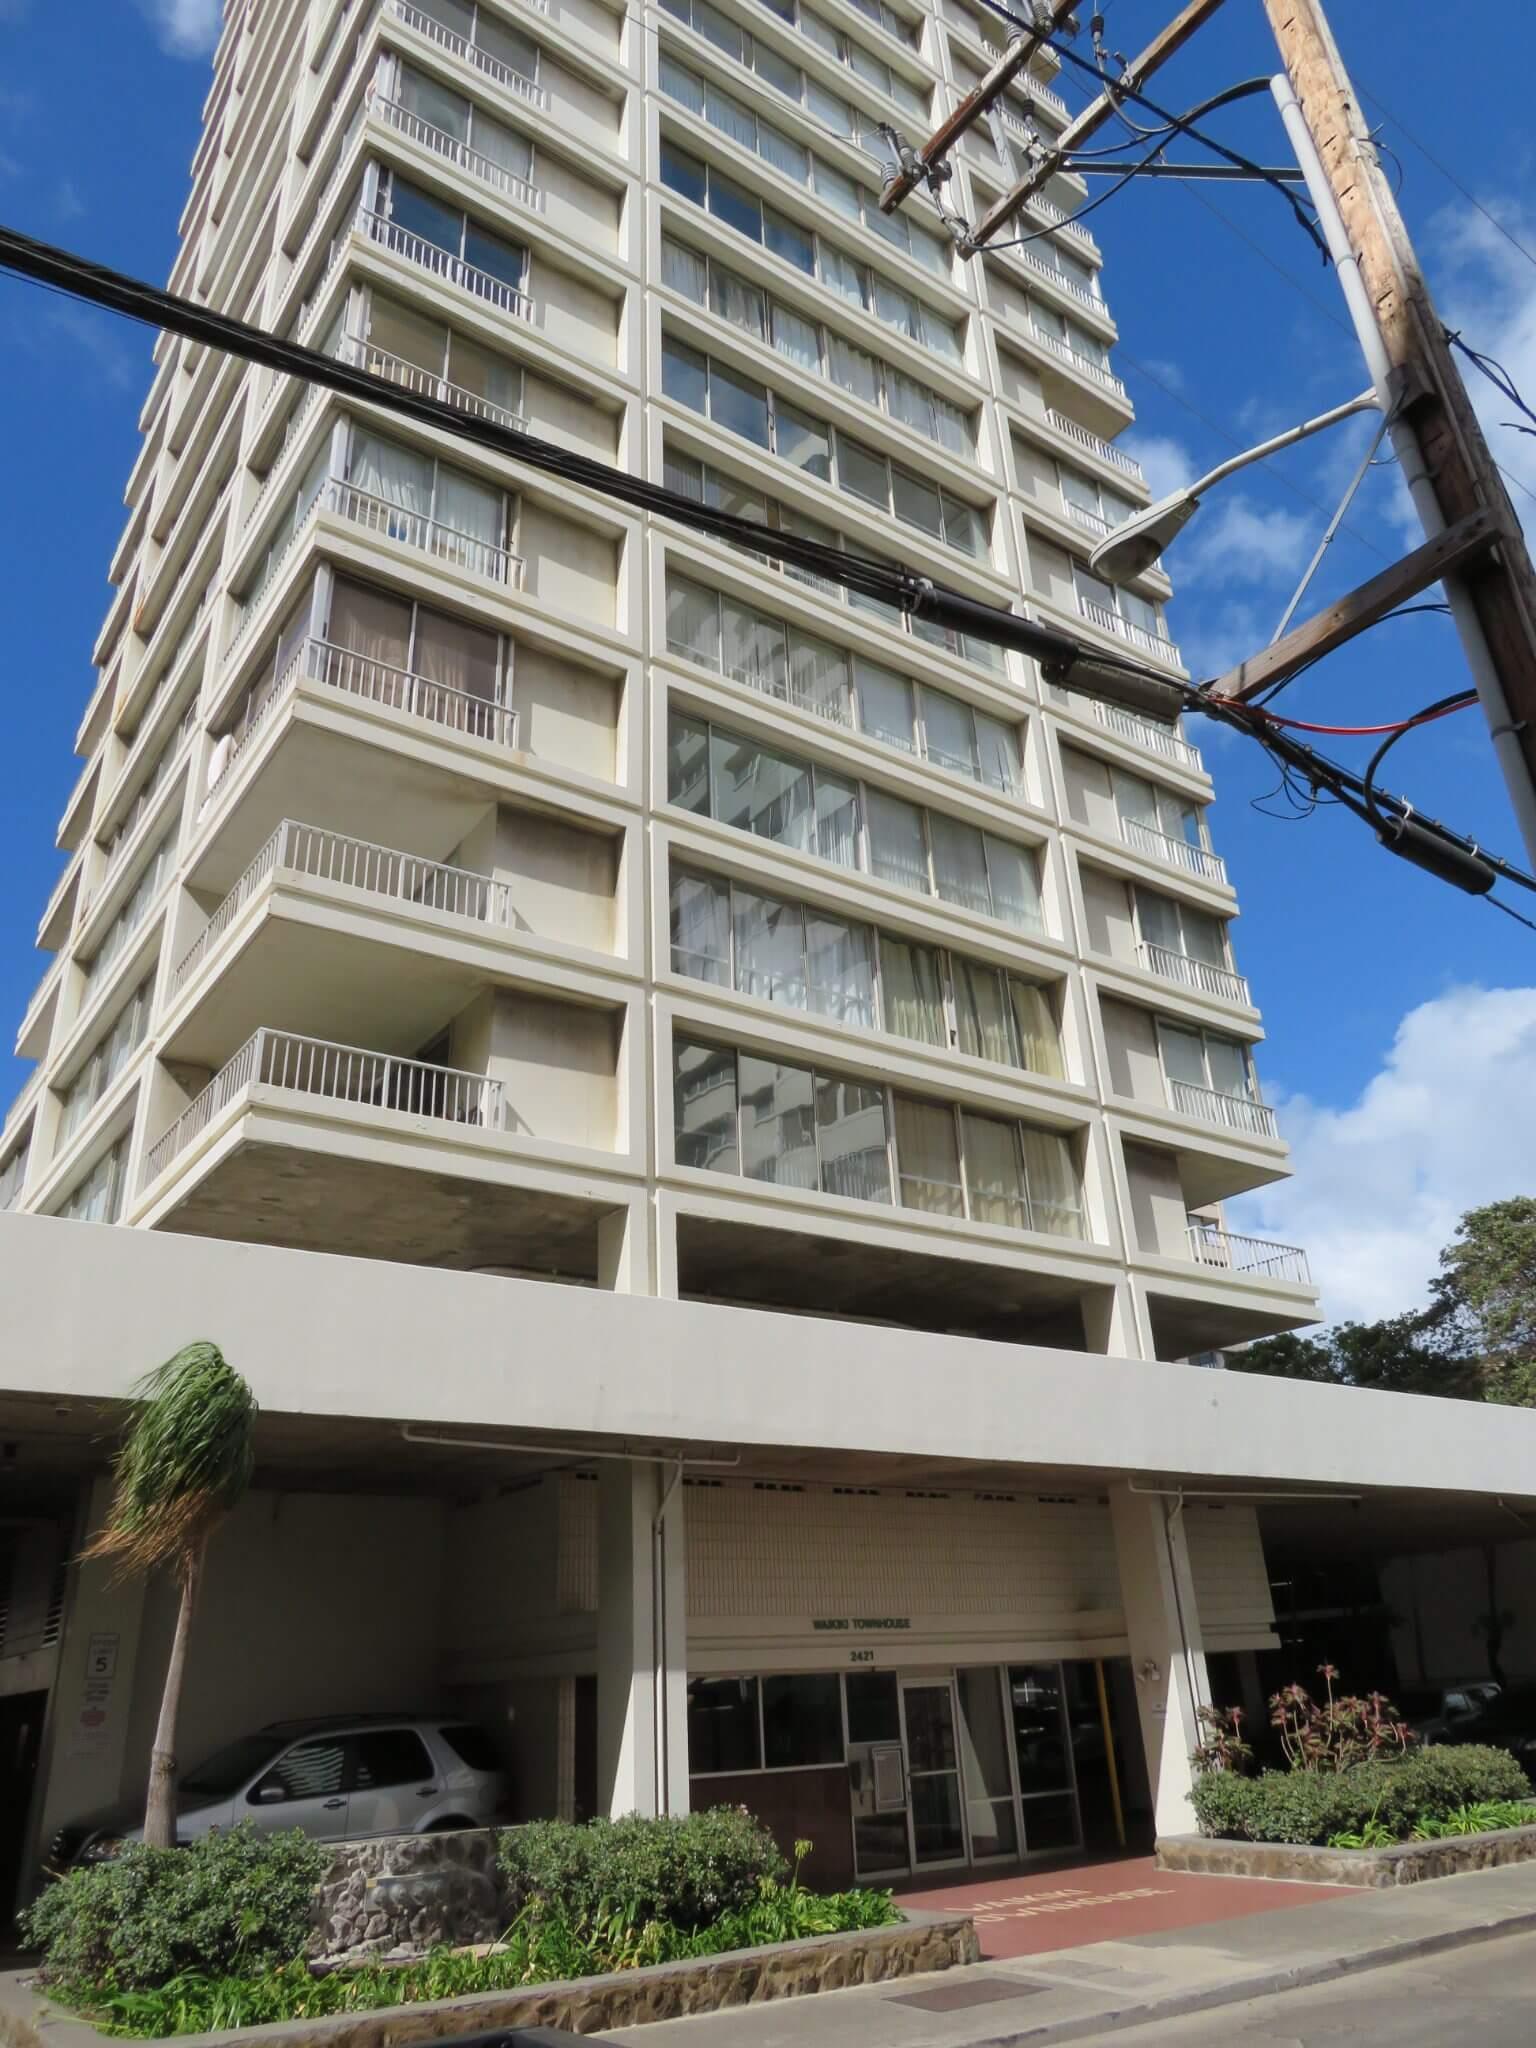 ワイキキ・タウン・ハウス / Waikiki Town House